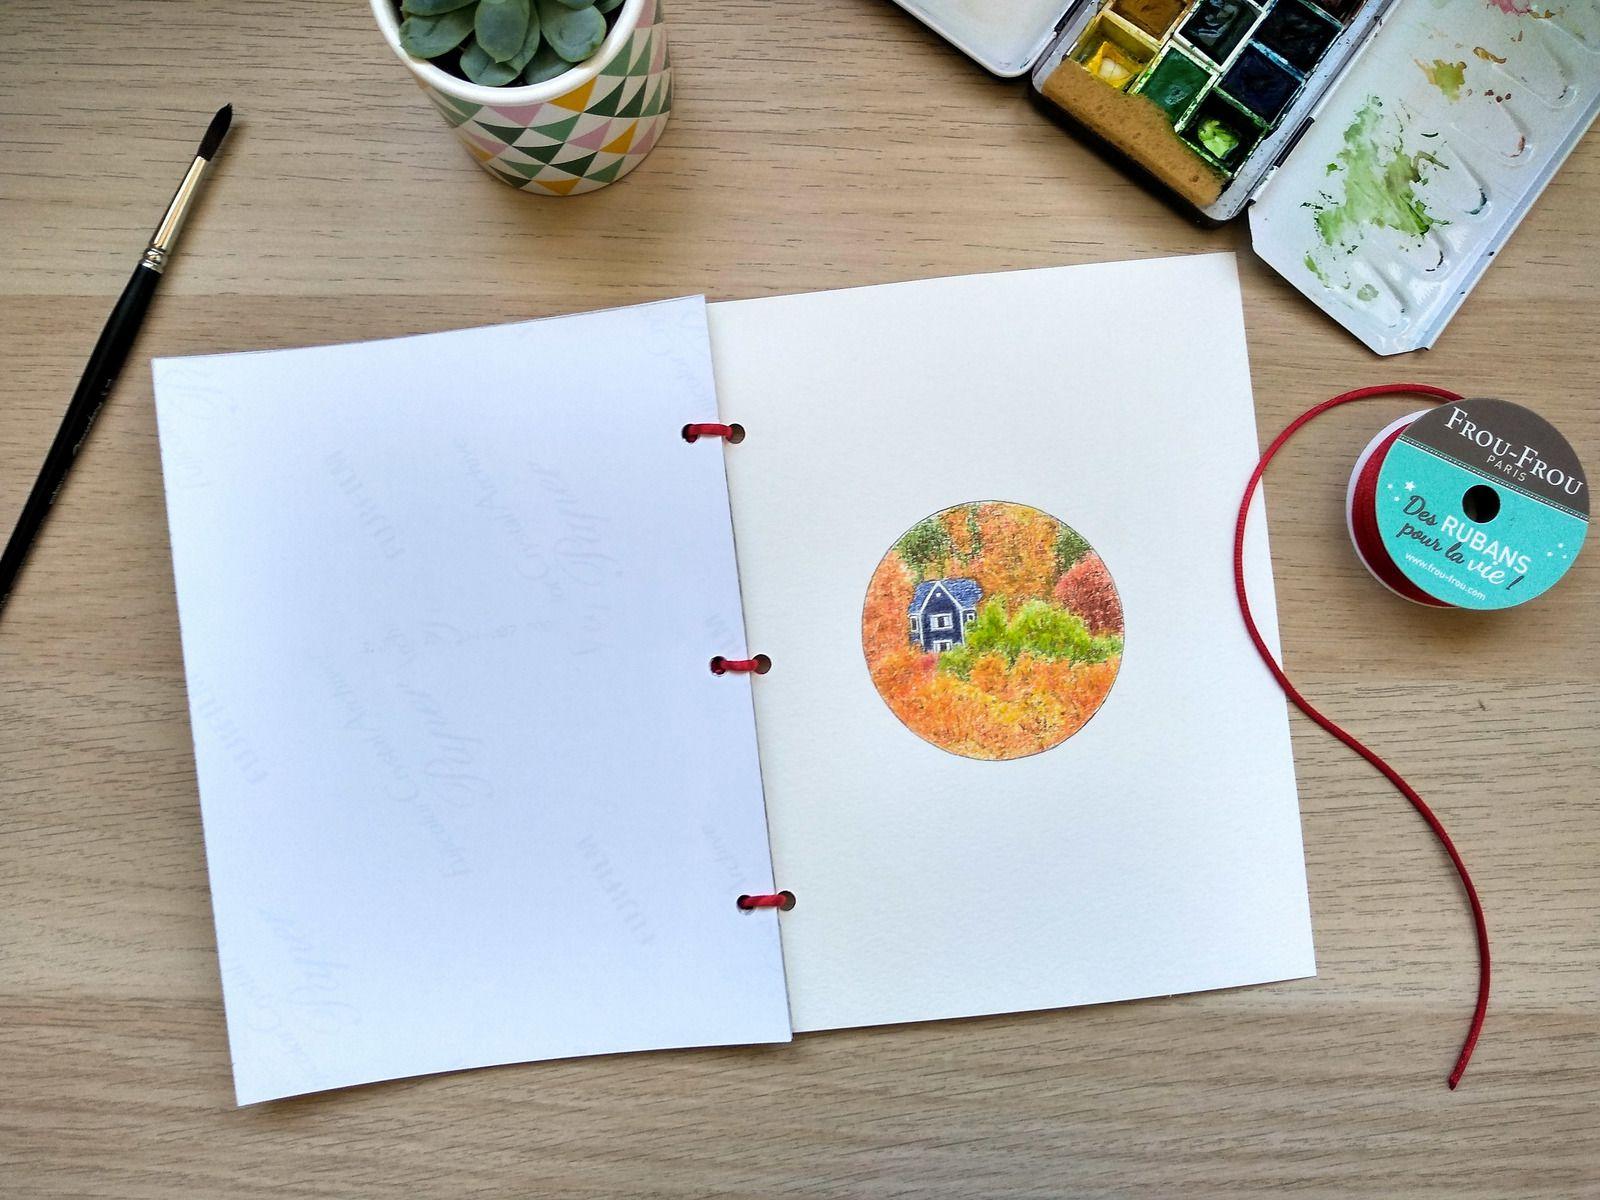 Plusieurs techniques ont été utilisées : encre, crayons et aquarelle... Format du livret : 15x20cm